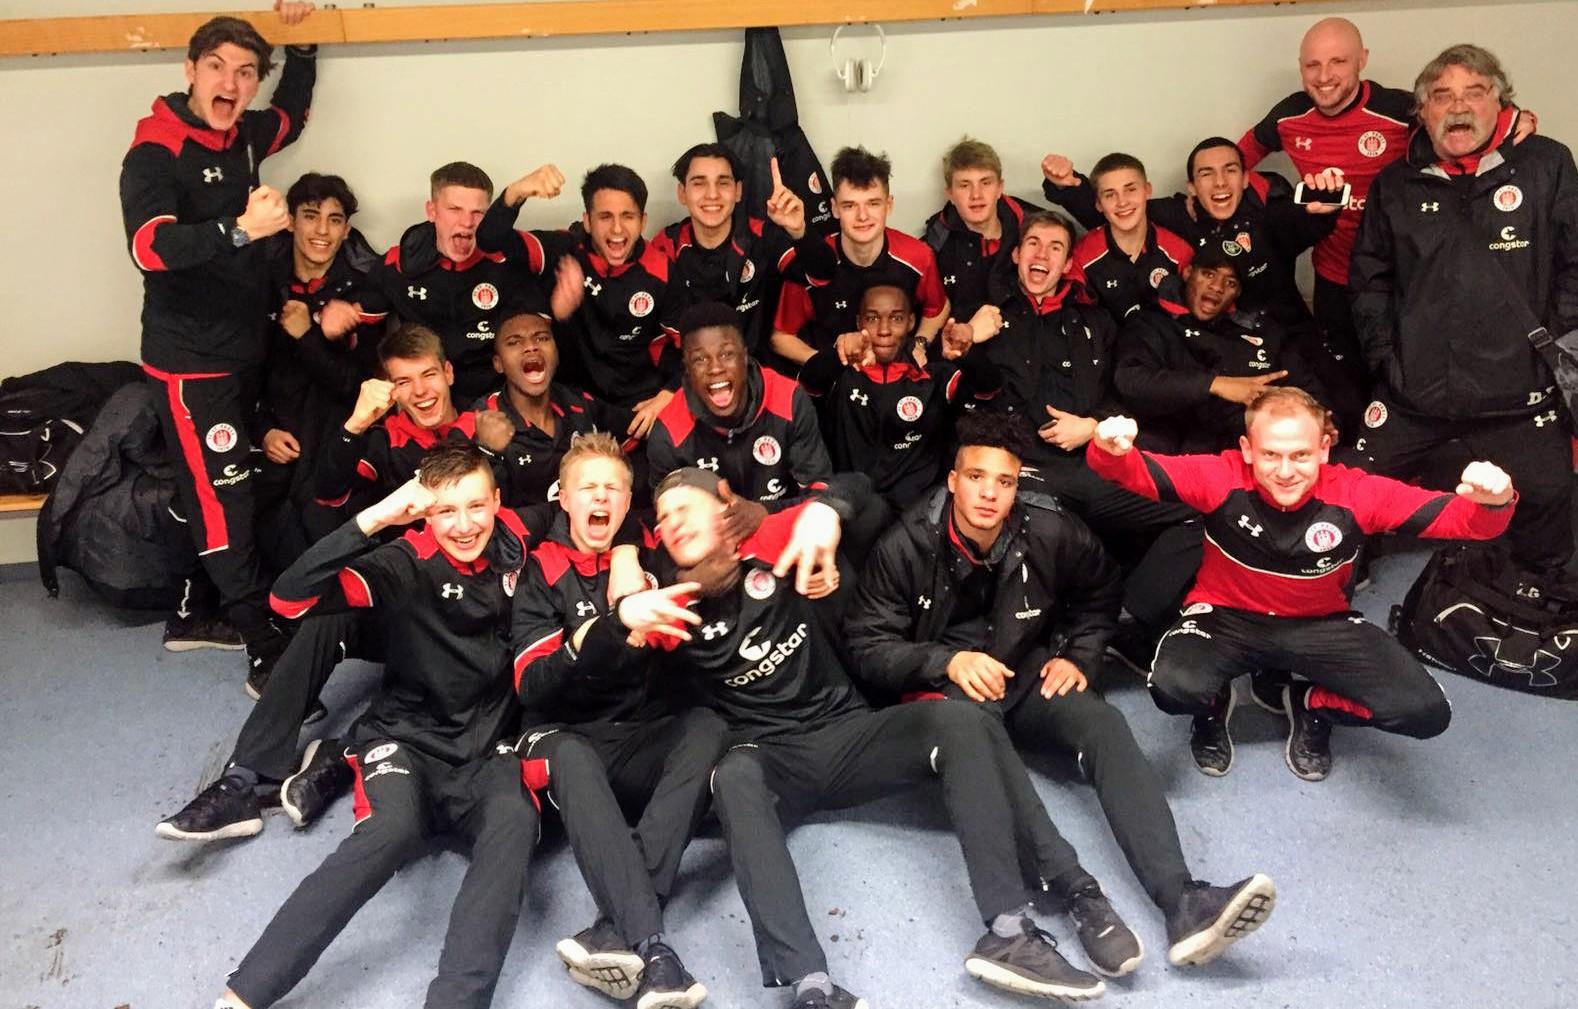 U17 dreht Derby in Rostock - U16 und U15 unterliegen Wolfsburg